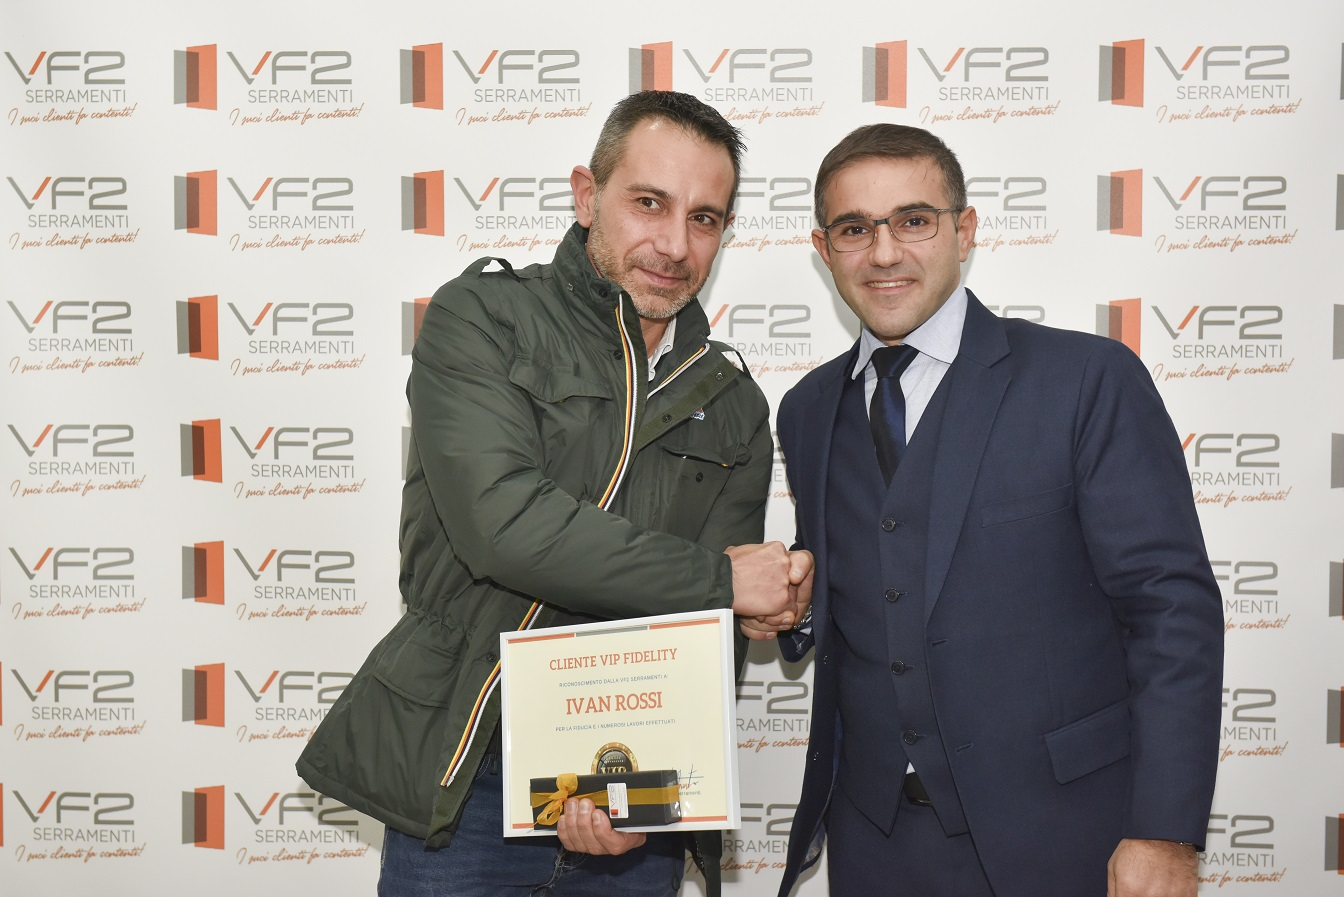 Vf2 Serramenti Riconoscimenti Ivan Rossi